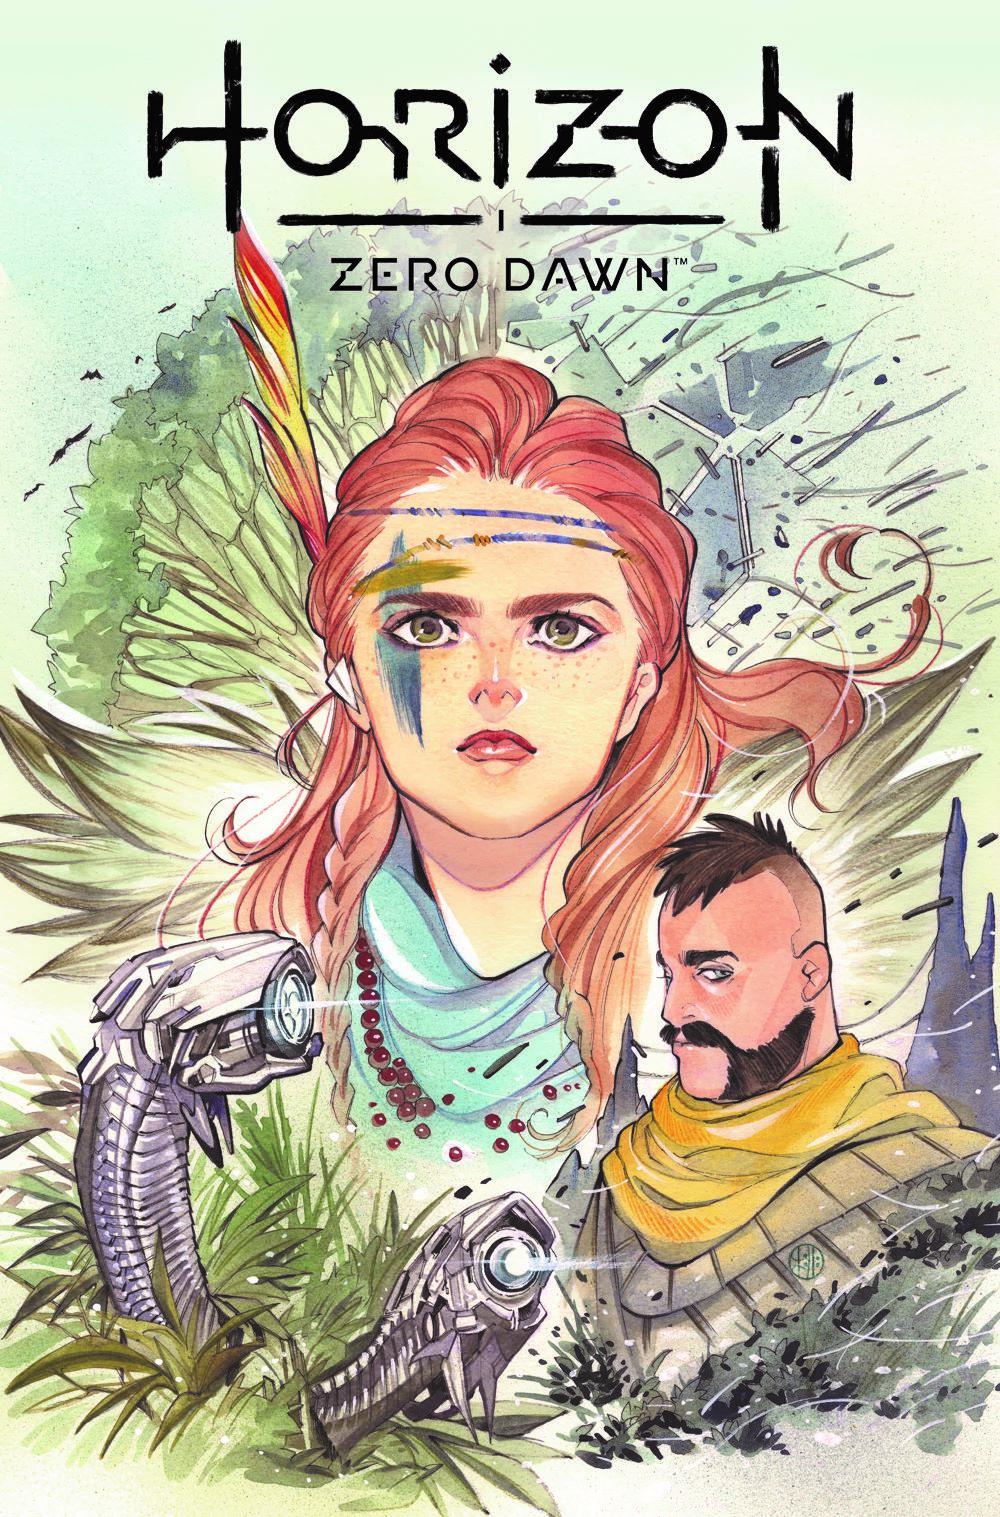 HorizonZeroDawn21_00_CoverA_MOMOKO-1 Titan Comics July 2021 Solicitations